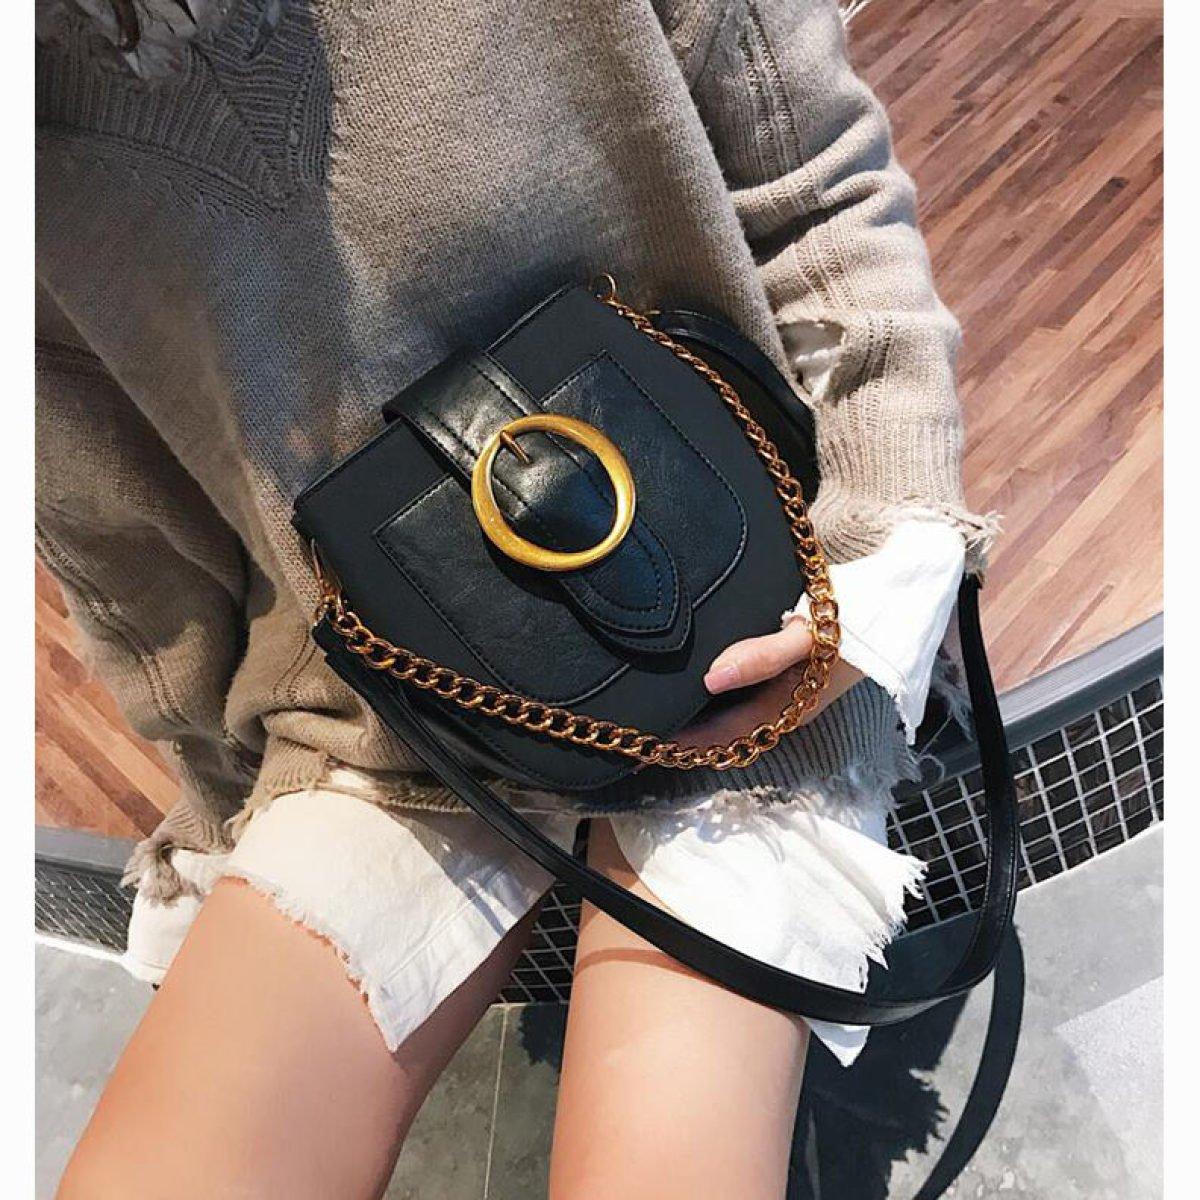 CHENGXIAOXUAN Lady Retro Umhängetasche Umhängetasche Wild Peeling Umhängetasche Mode Mode Mode Casual Mini Eimer Tasche B076N7X1WY Schultertaschen Mangelware 36bd7c